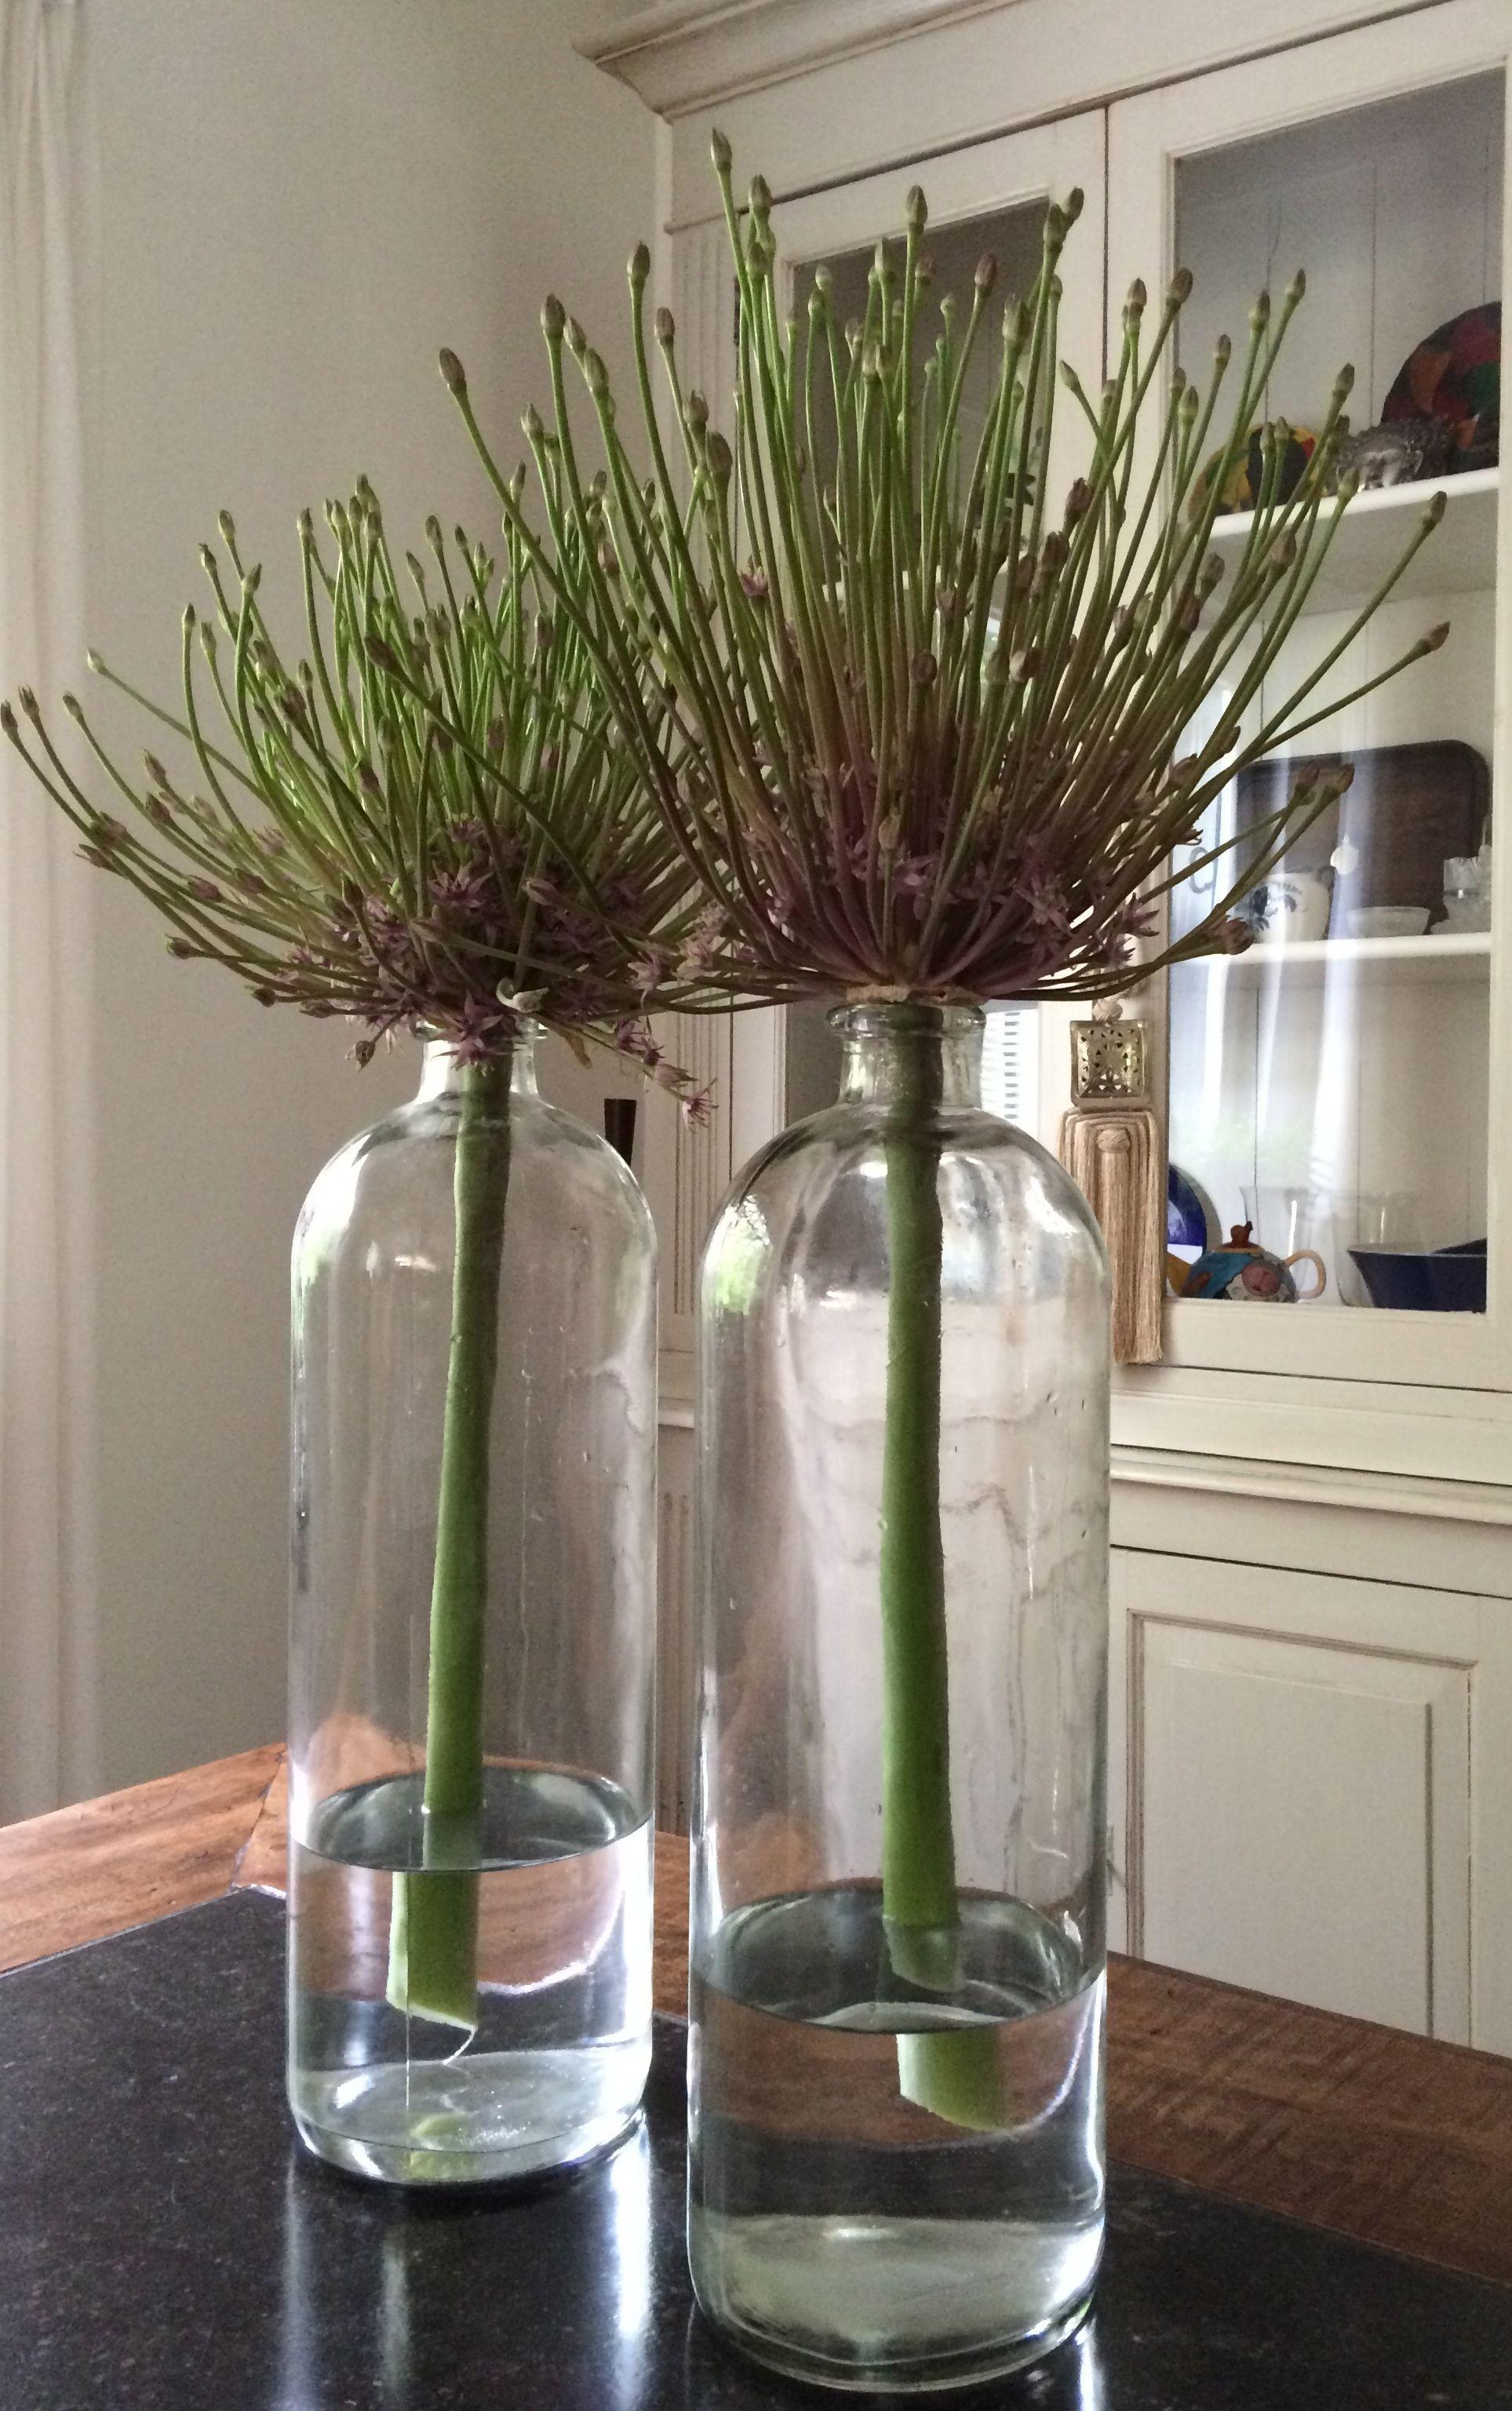 #dekorative #der #Einfachheit #Glasflaschen #schön #we